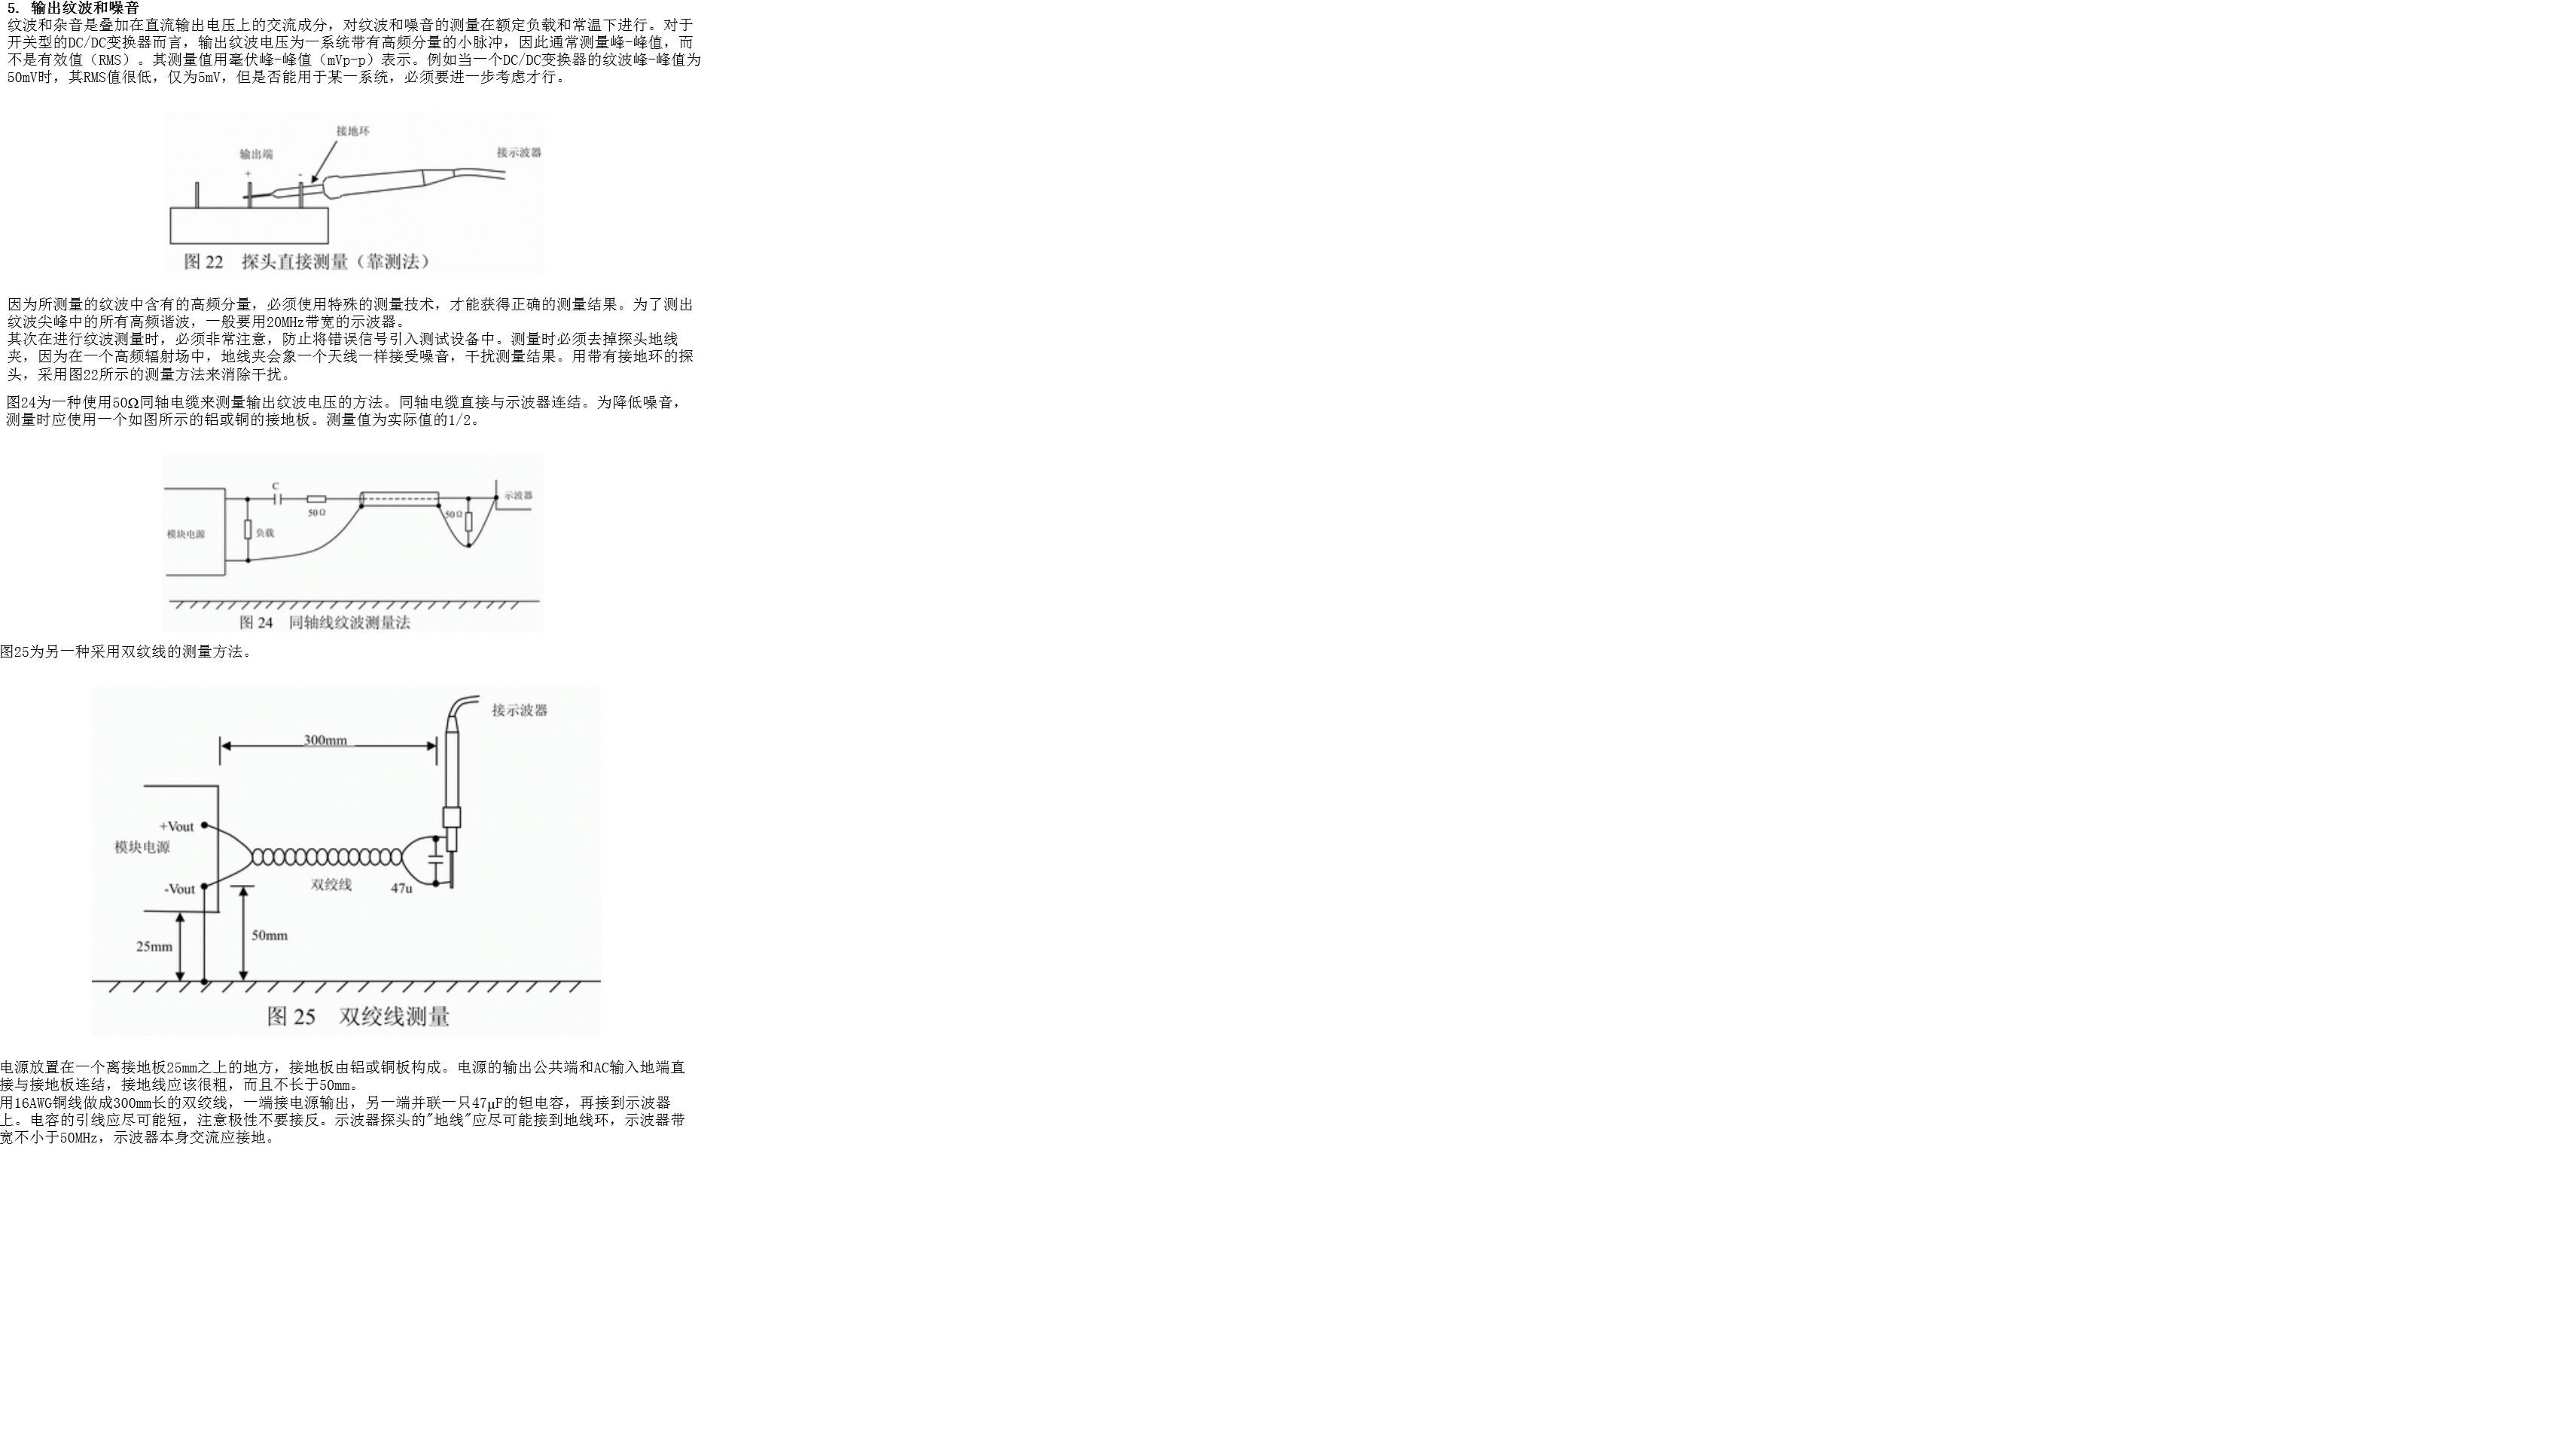 三种测试纹波方法.jpg